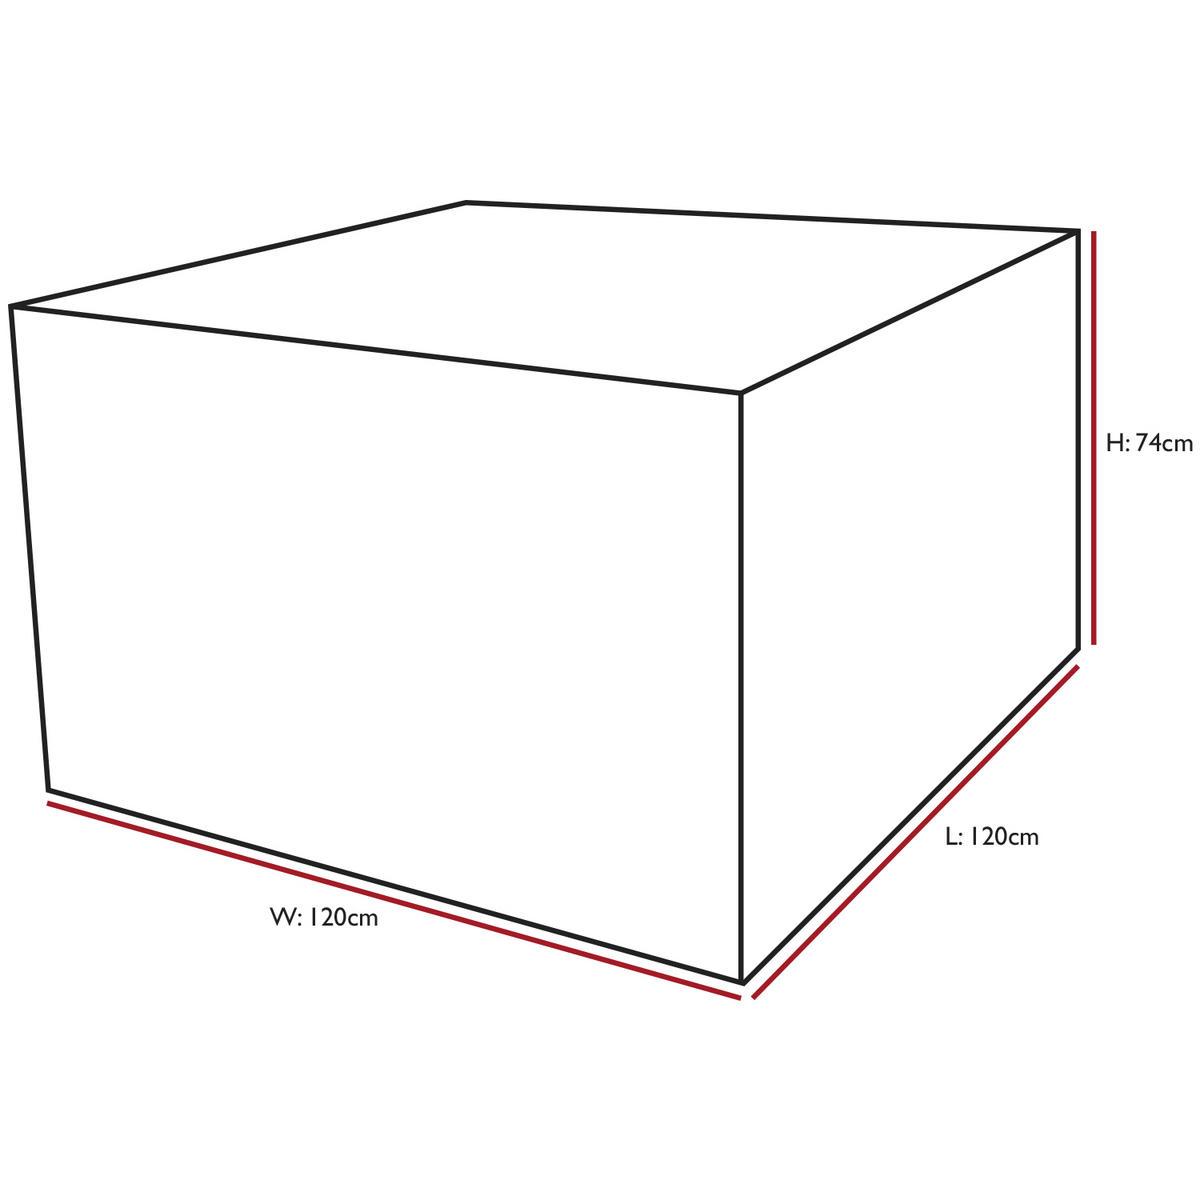 Woodside Rattan Cube Set Cover